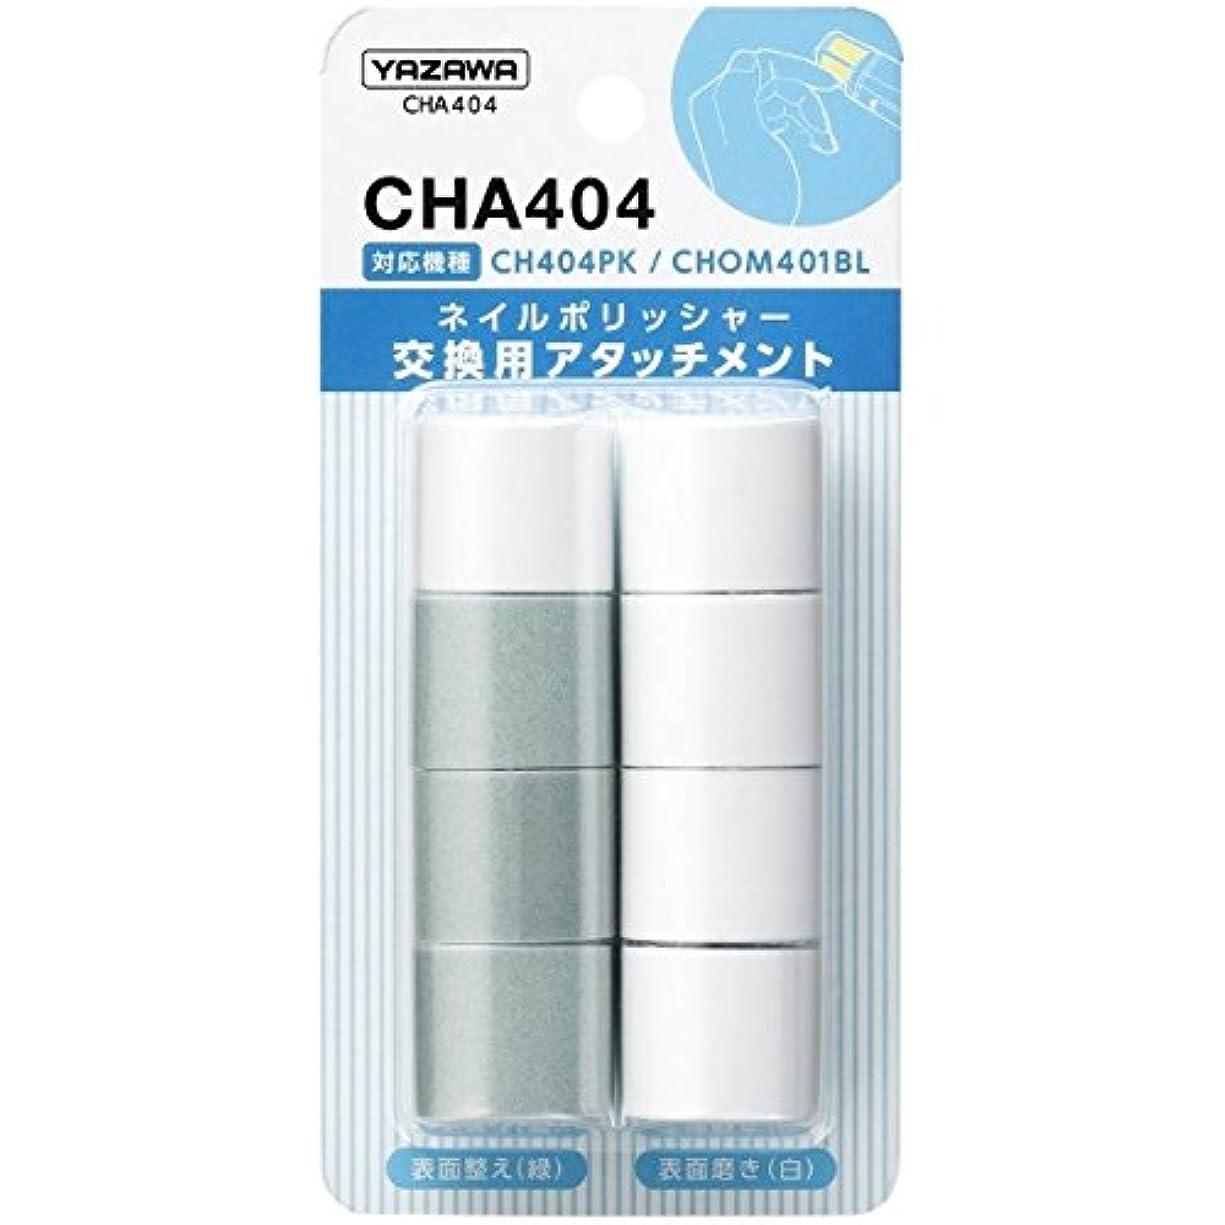 キャリアニンニク力YAZAWA(ヤザワコーポレーション) ネイルポリッシャー交換用アタッチメント CHA404